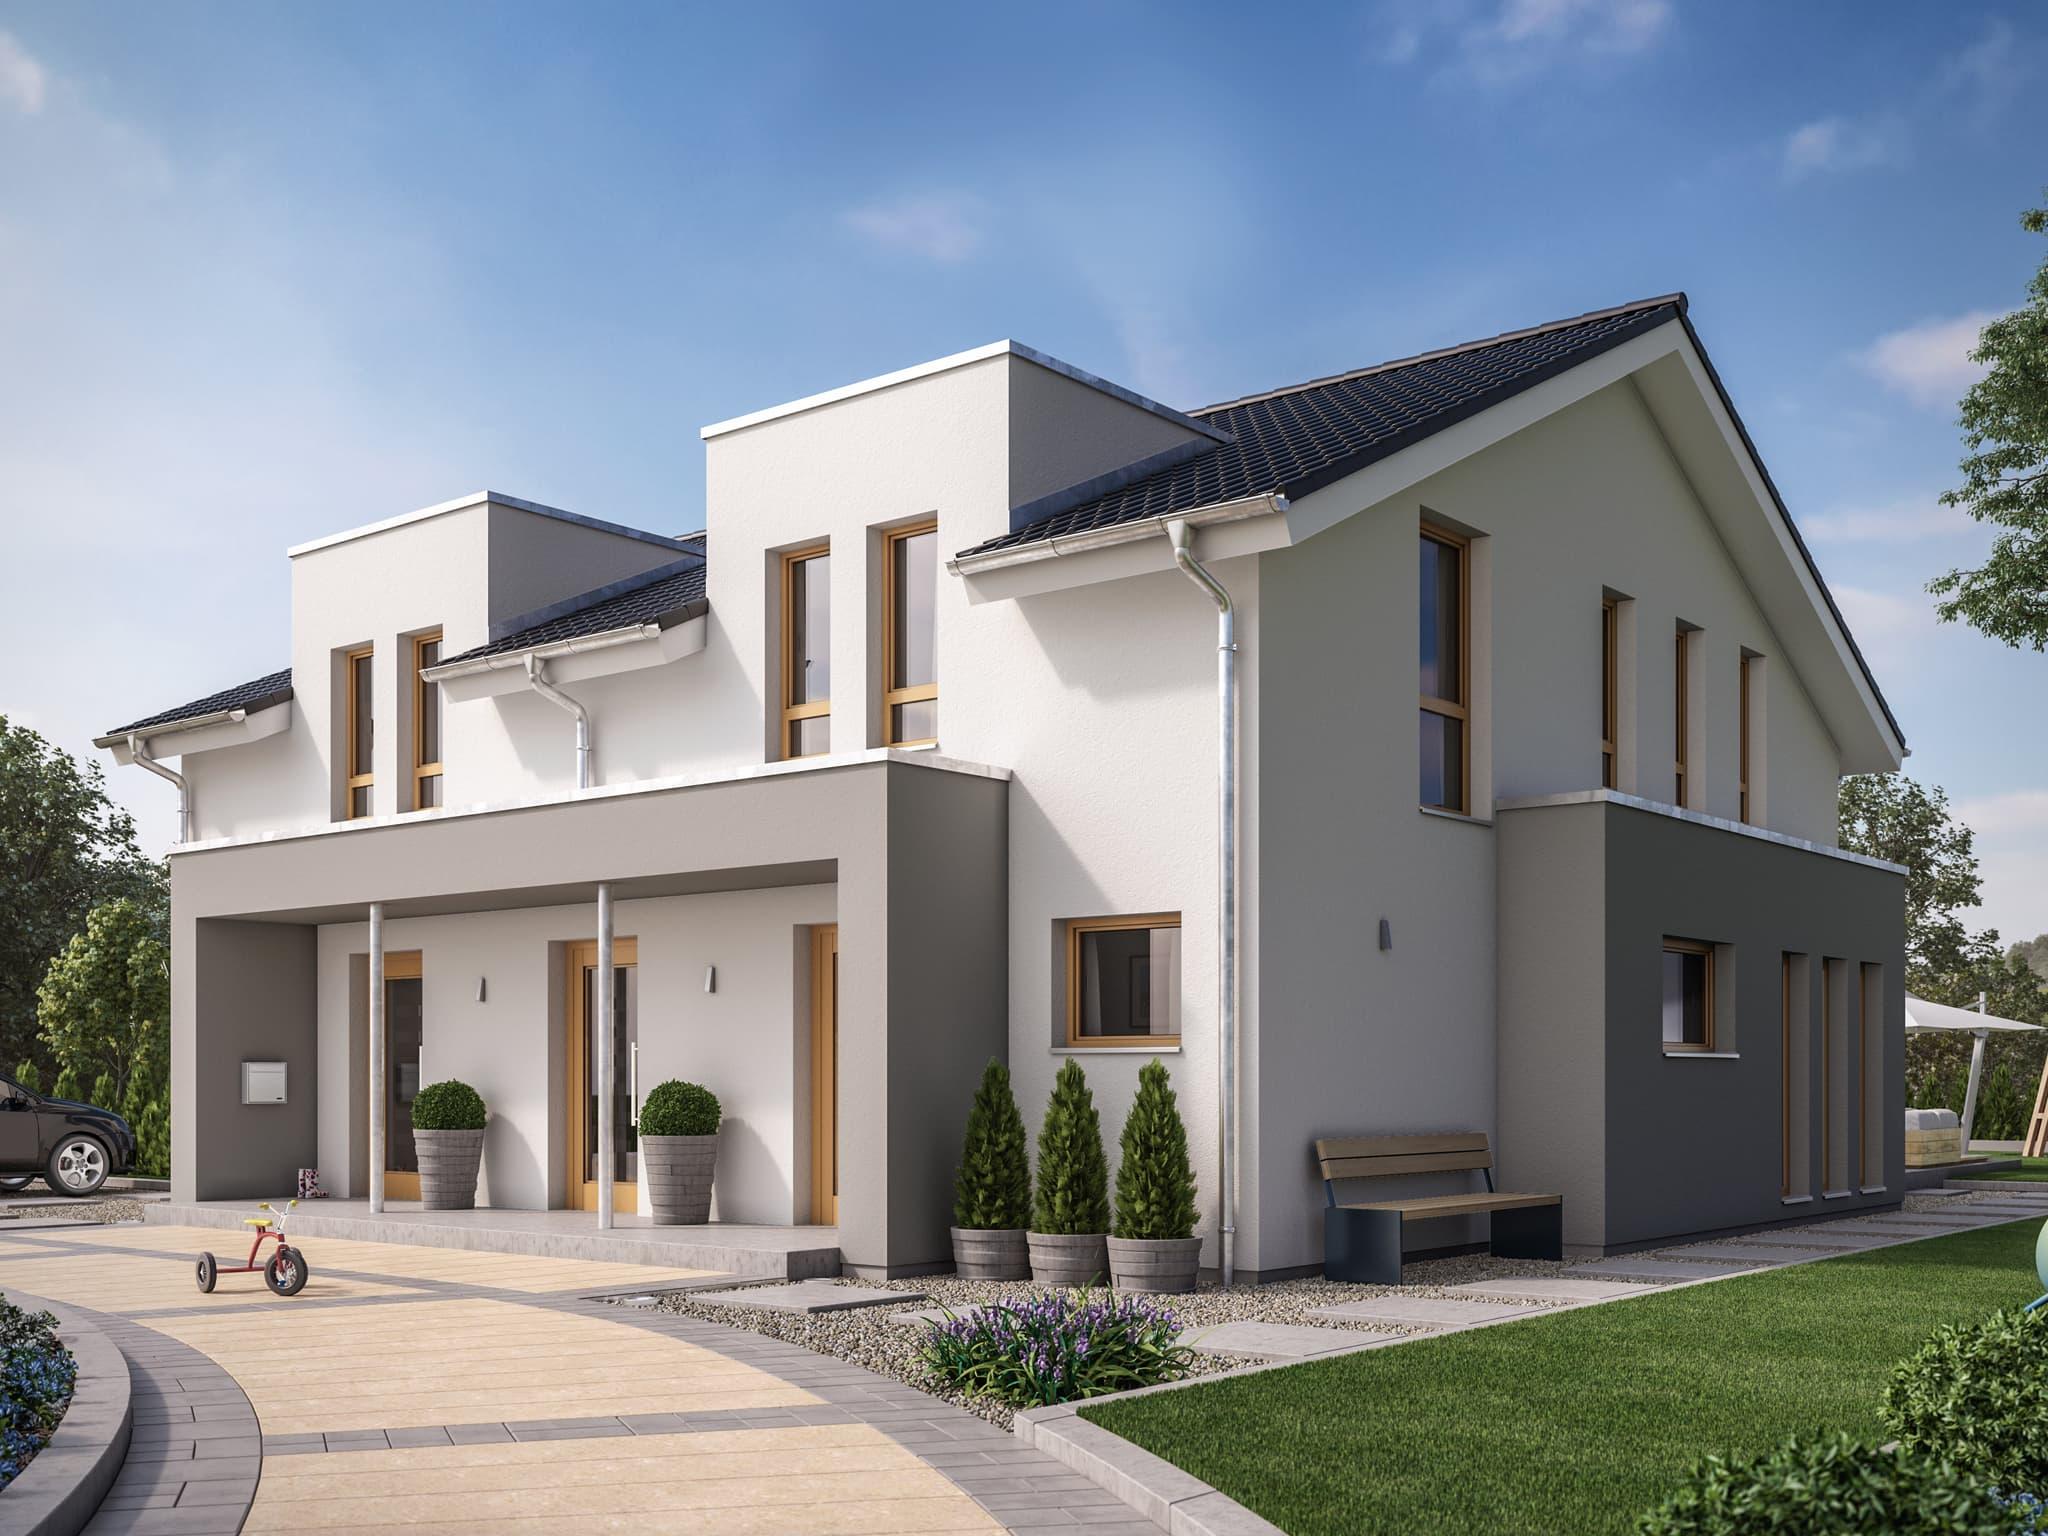 Modernes Zweifamilienhaus Wohnungen nebeneinander mit zwei Eingängen - Doppelhaus bauen Ideen Fertighaus SOLUTION 242 V4 von Living Haus - HausbauDirekt.de